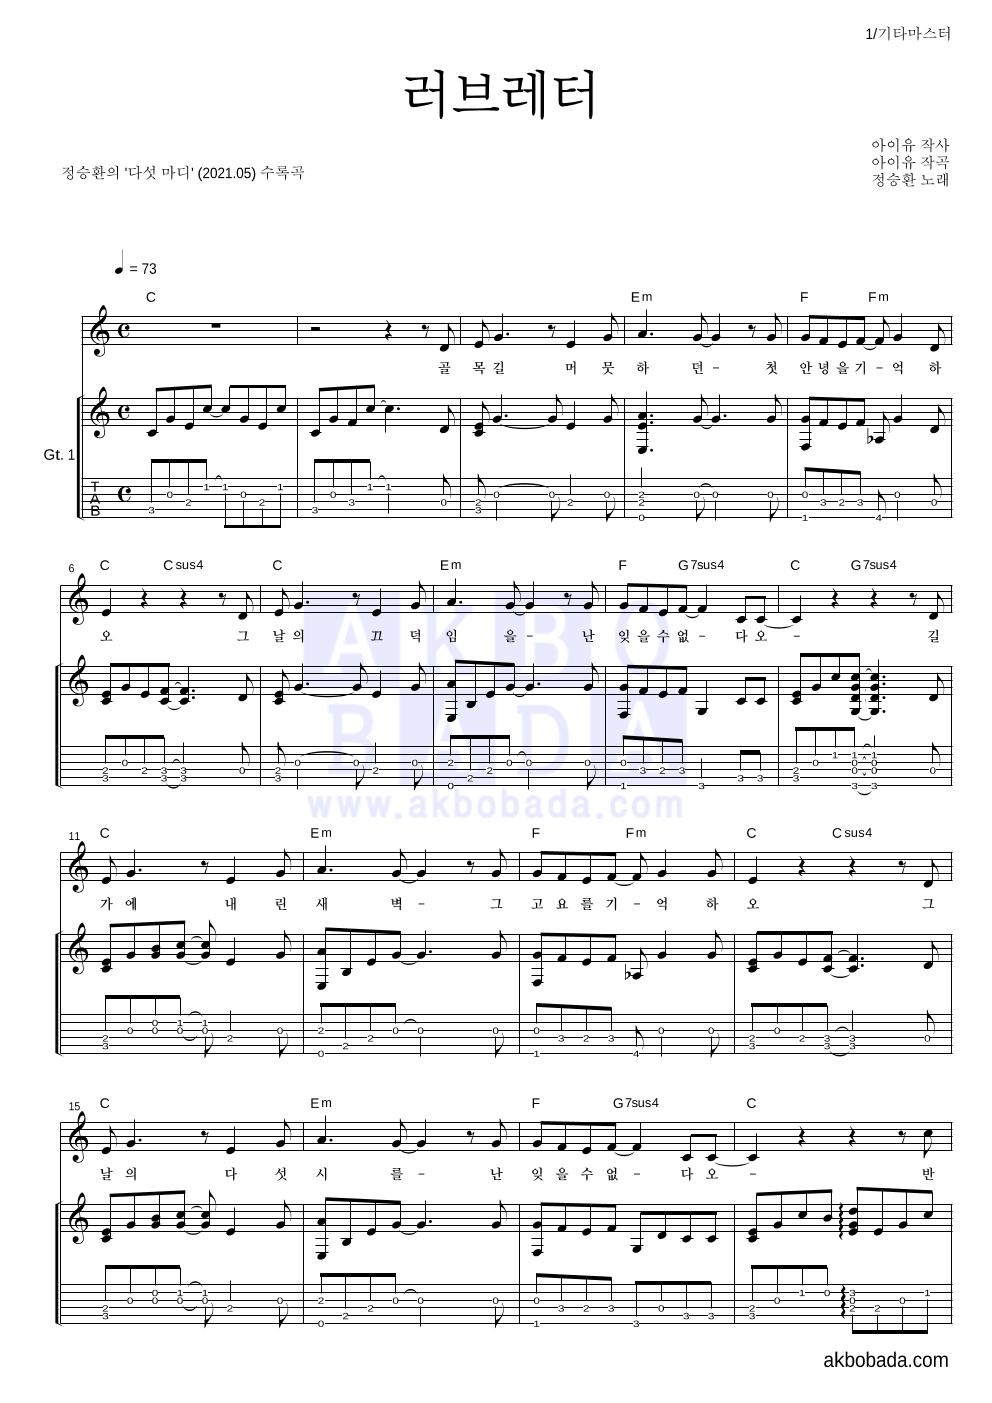 정승환 - 러브레터 기타 마스터 악보